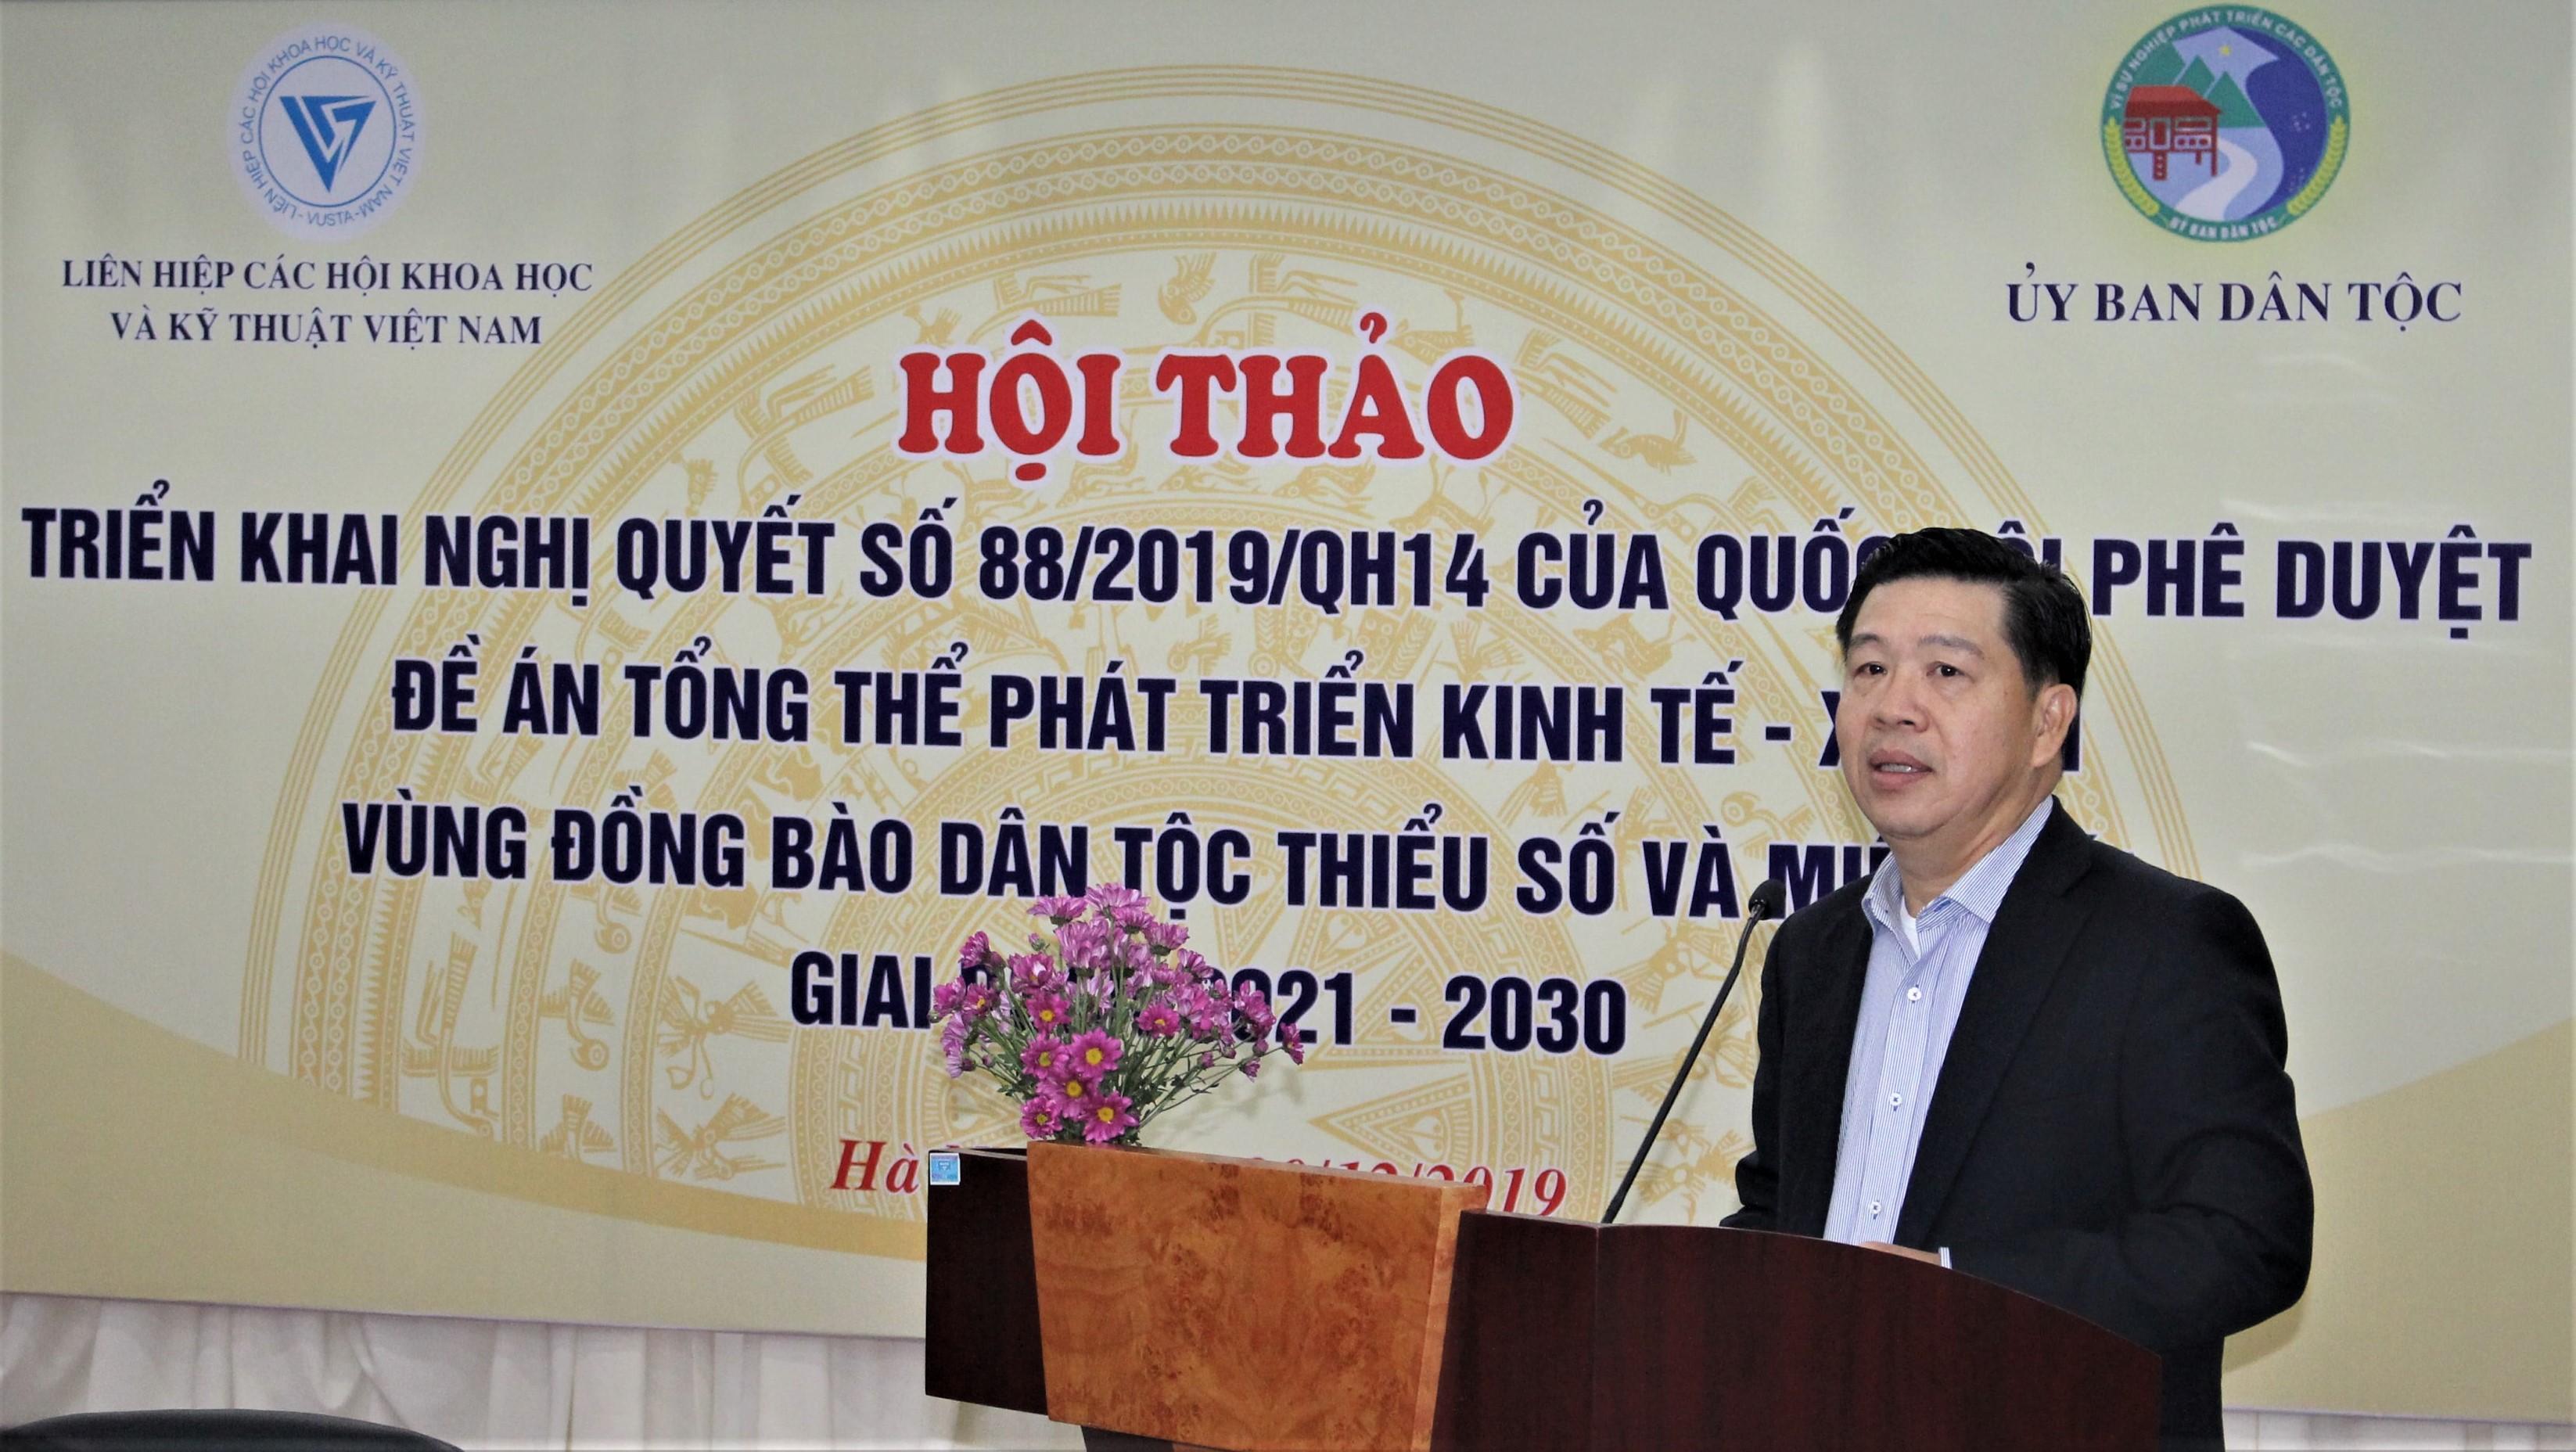 Thứ trưởng, Phó Chủ nhiệm UBDT Lê Sơn Hải phát biểu tại Hội thảo